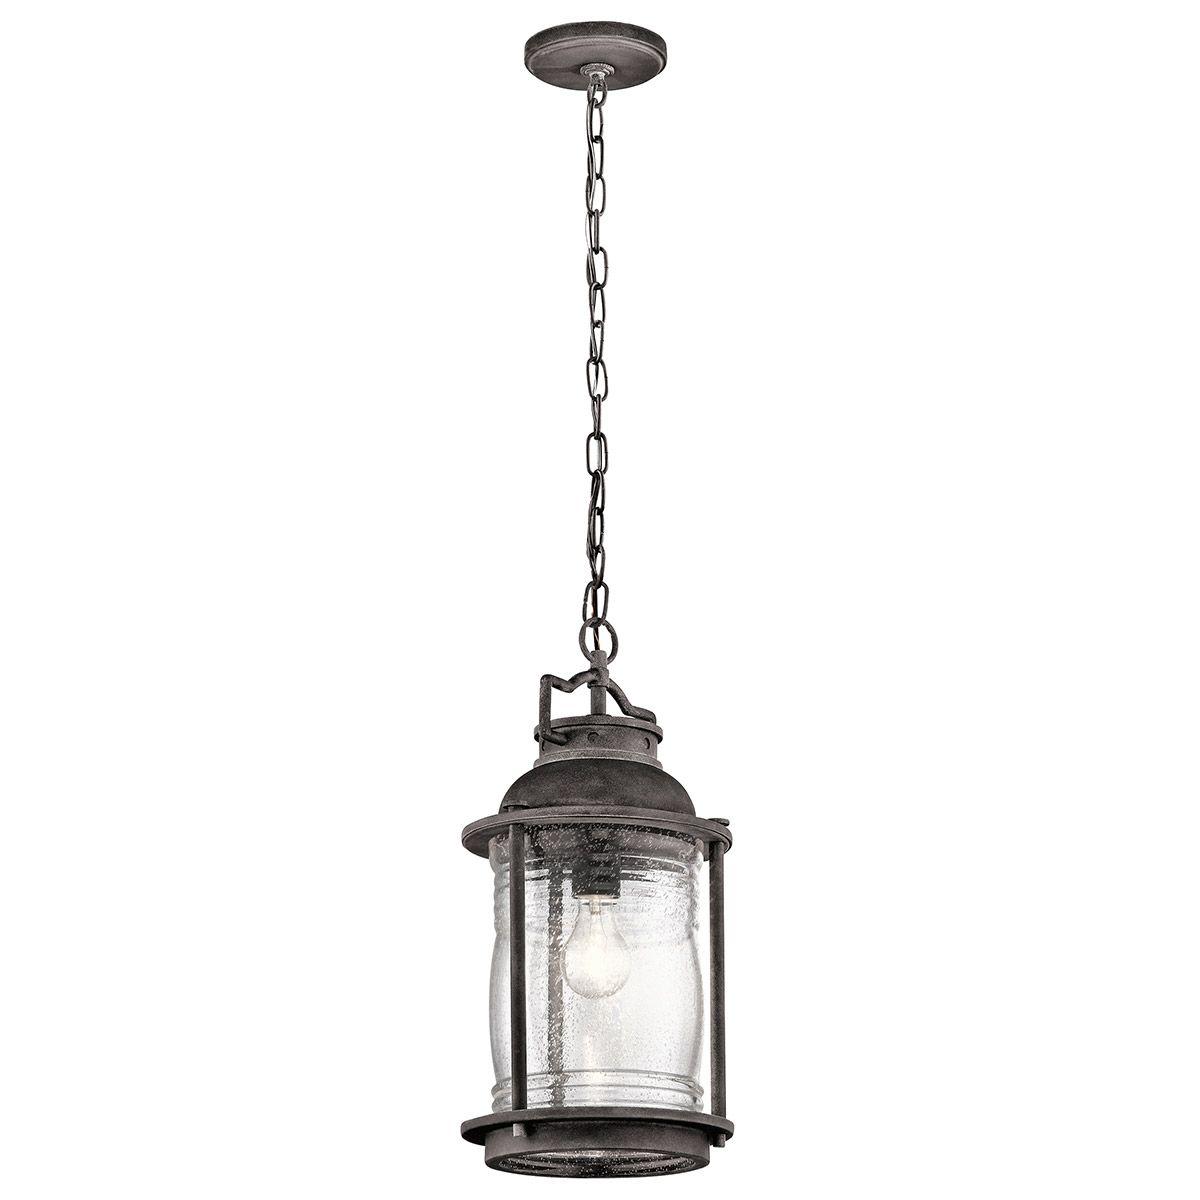 Kichler Ashland Bay Outdoor Pedestal Lantern Weathered: Kichler Ashland Bay Outdoor Hanging Pendant In Weathered